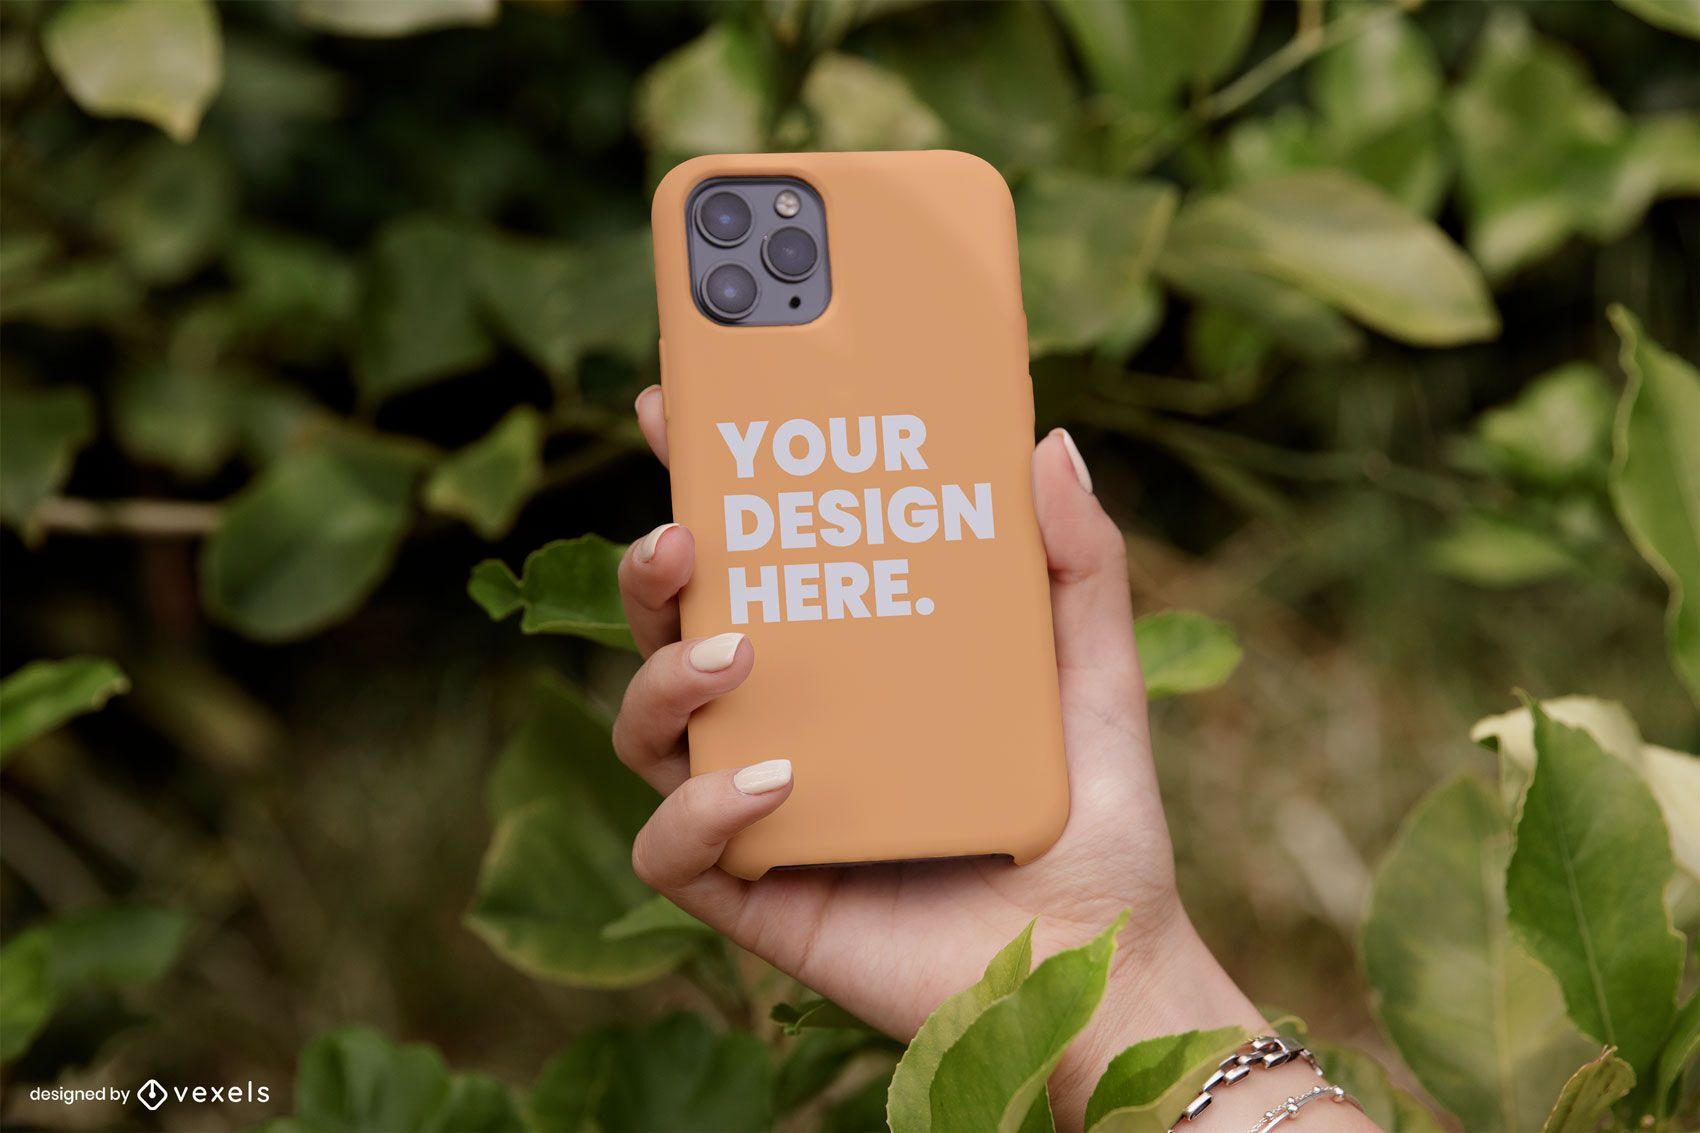 Diseño de maqueta de naturaleza de caja de teléfono